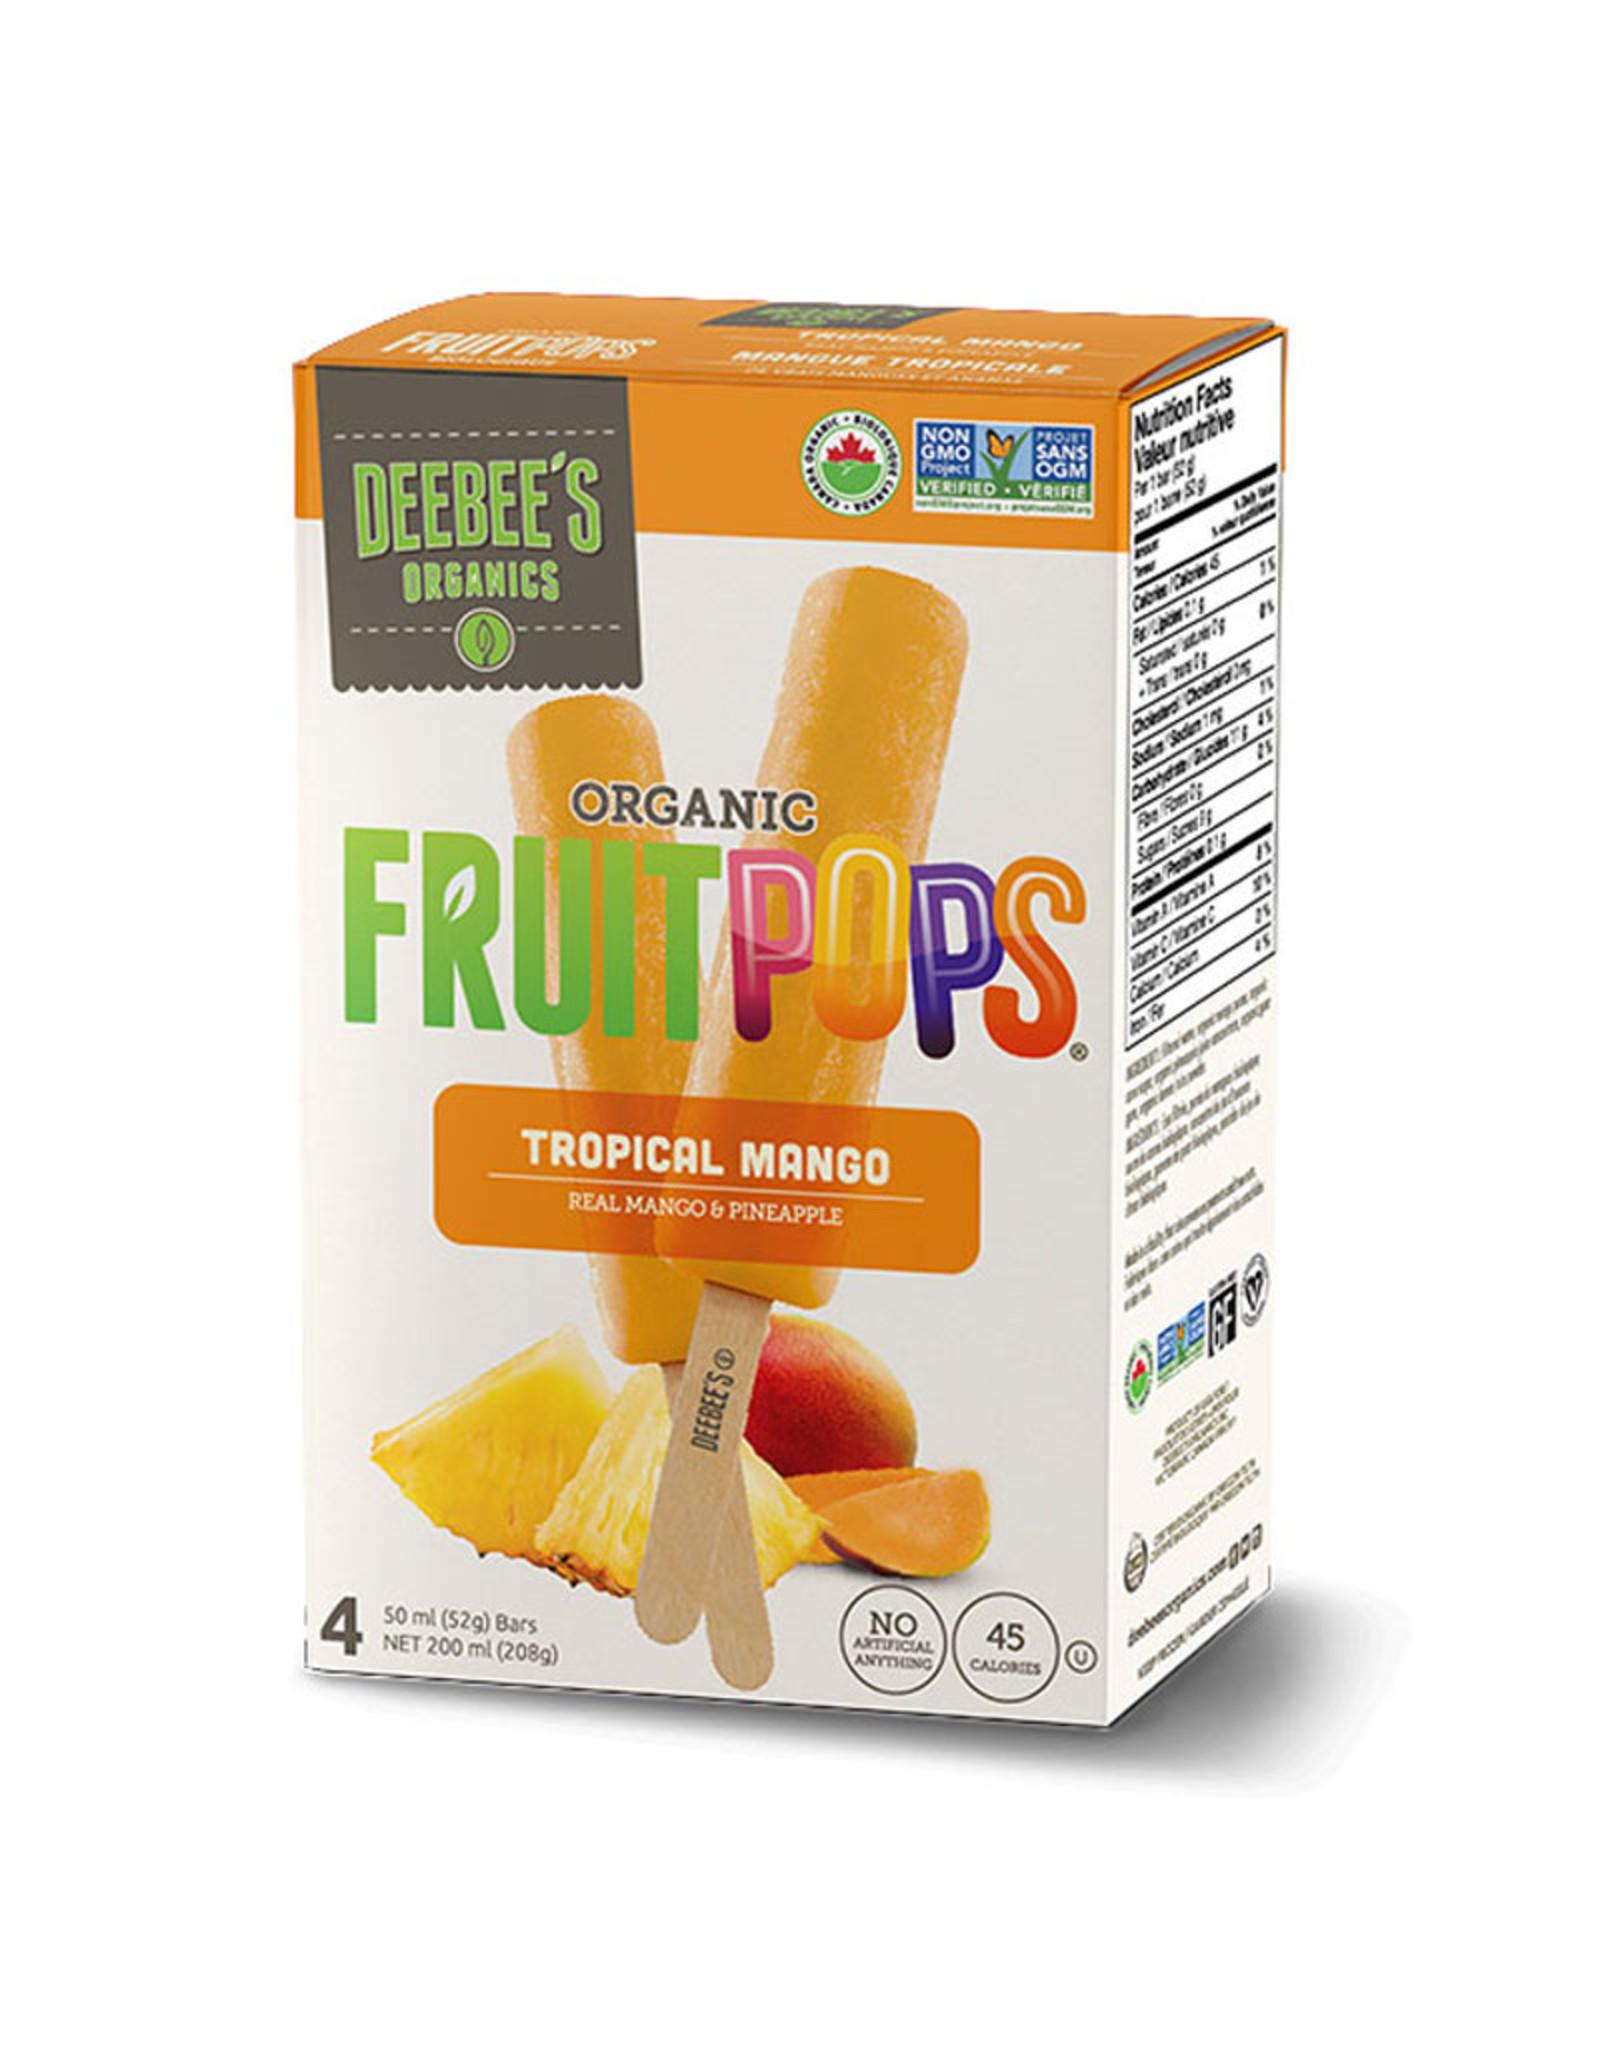 Deebees Organics Deebees Organics - FruitPops, Tropical Mango